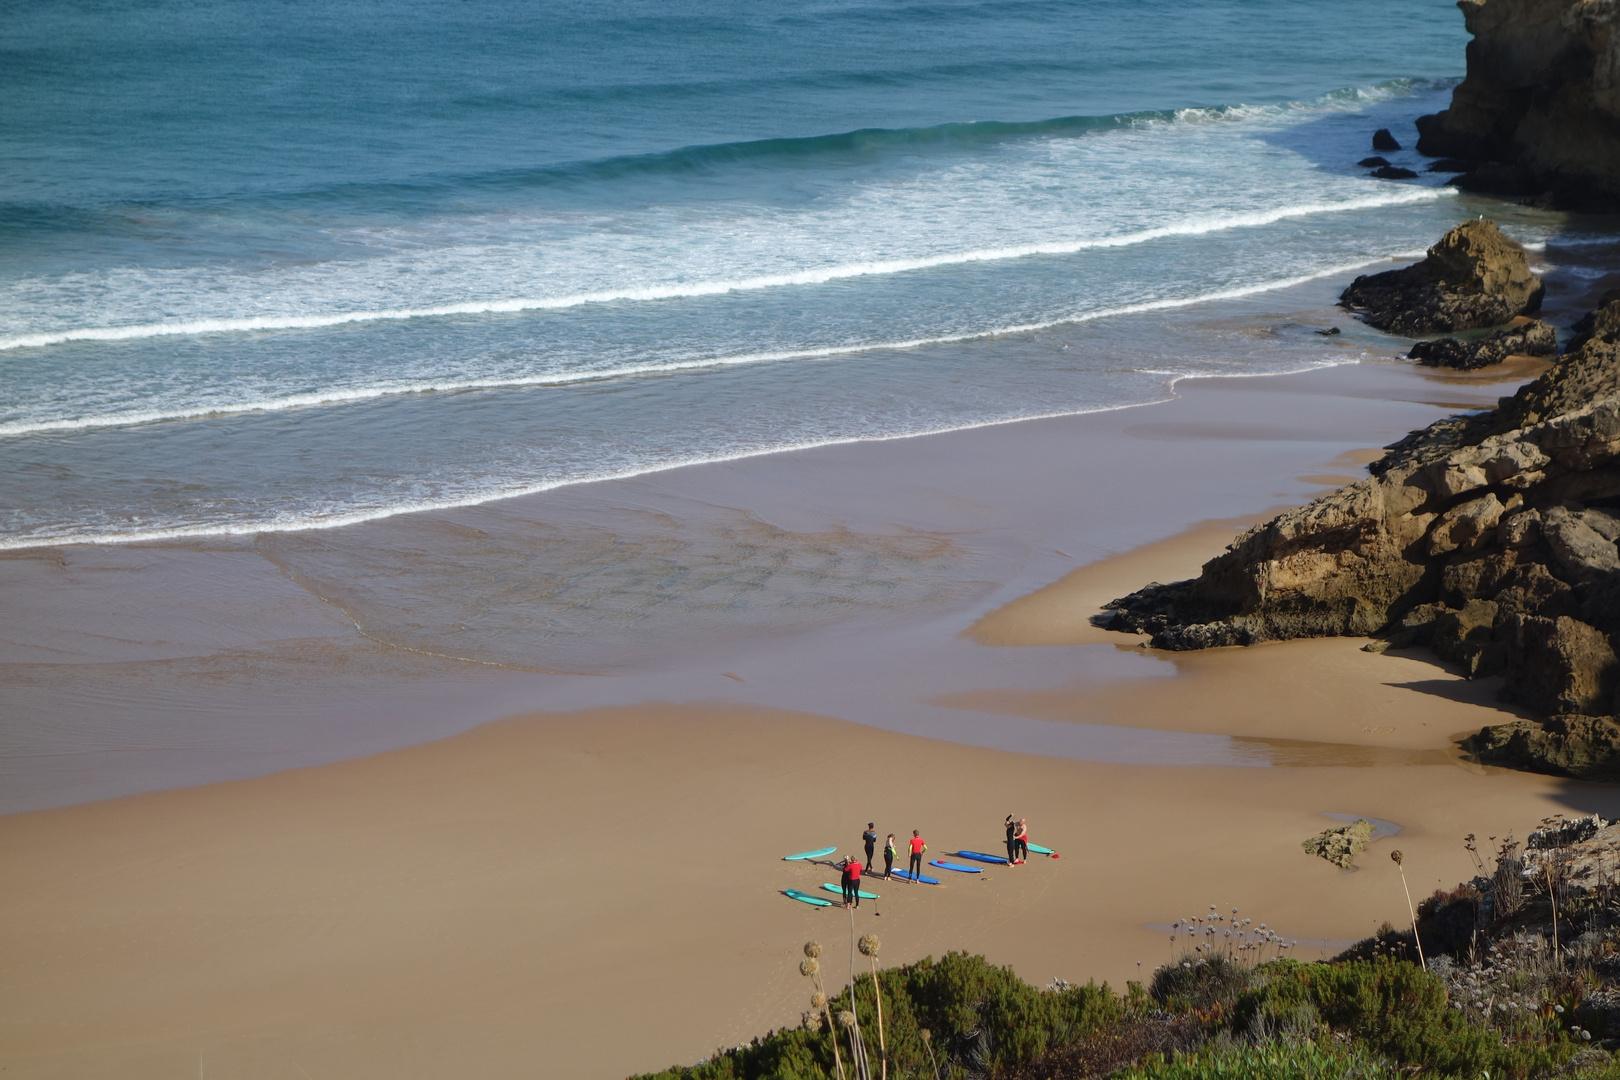 Wann kommt die perfekte Welle?